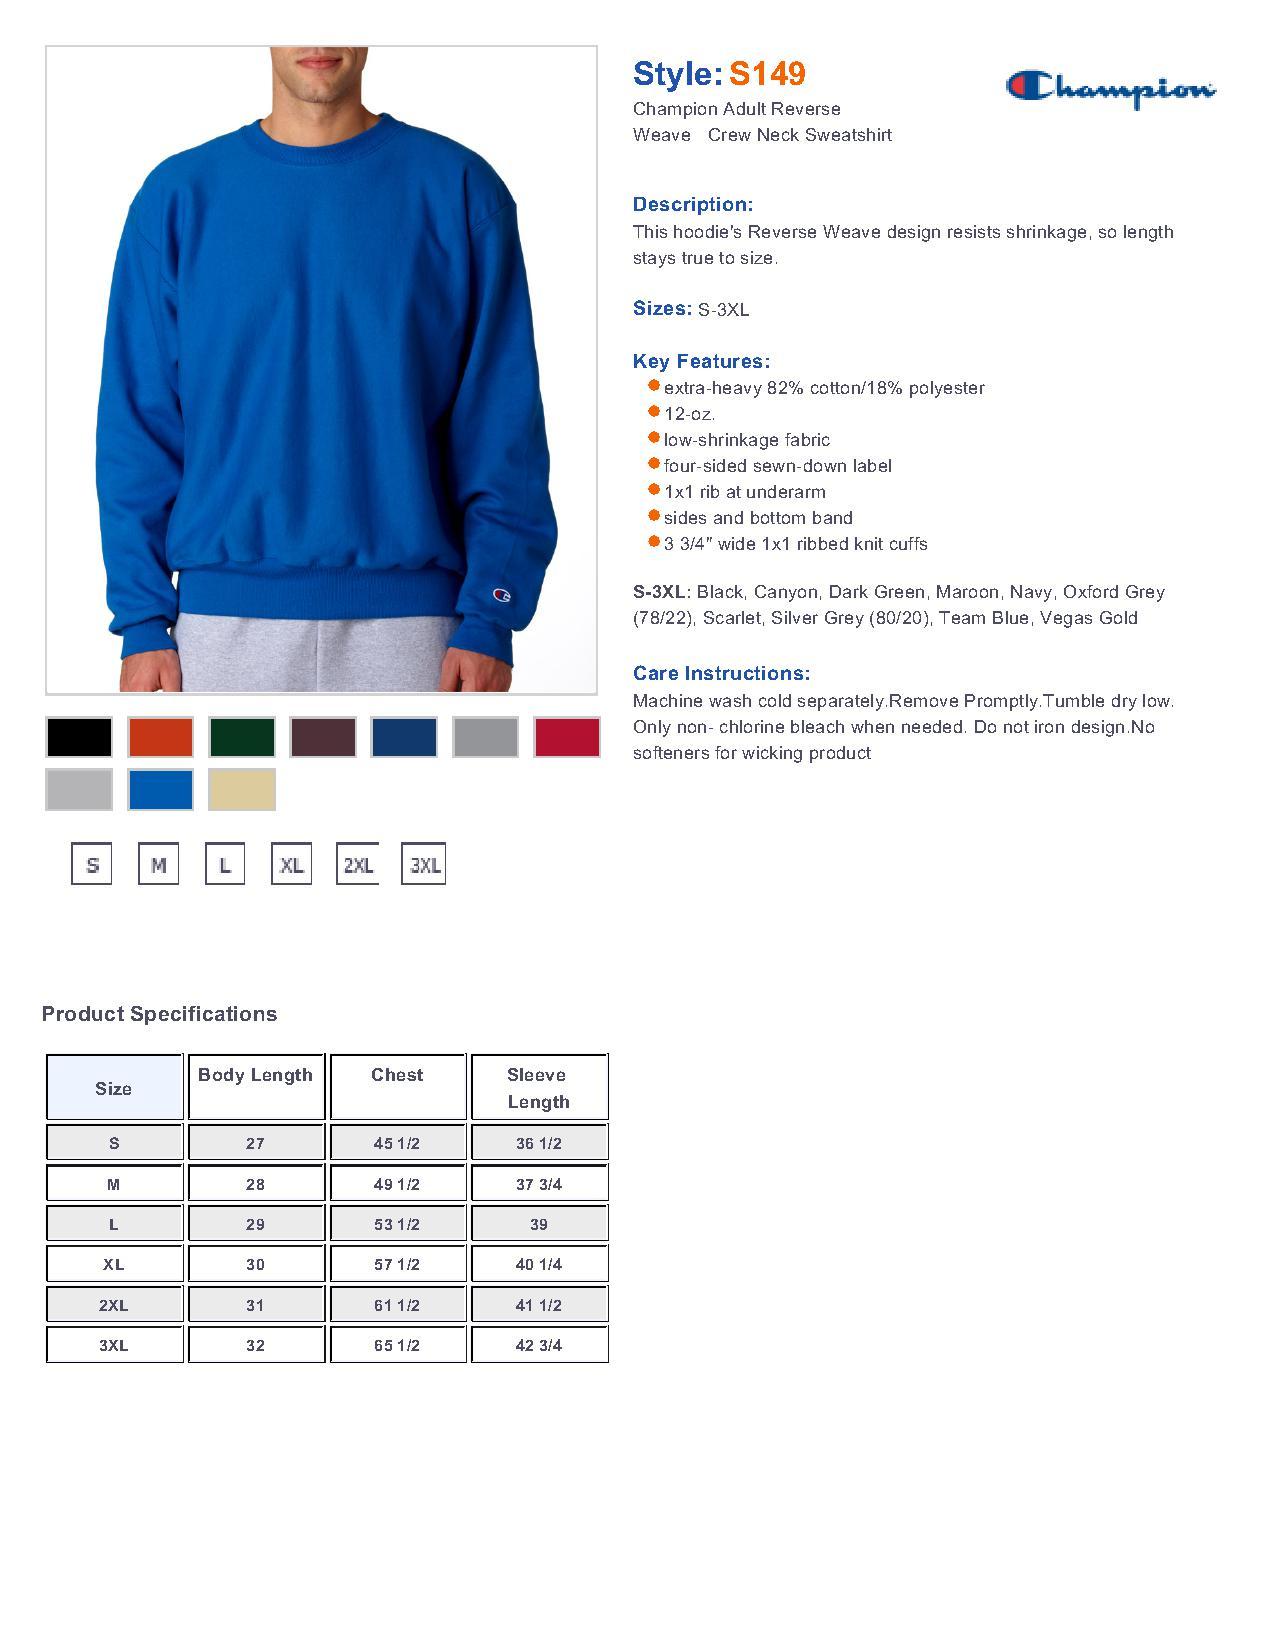 af5e8e08d3ef Champion S149 Reverse Weave Crewneck Sweatshirt  30.47 - Men s Fleece